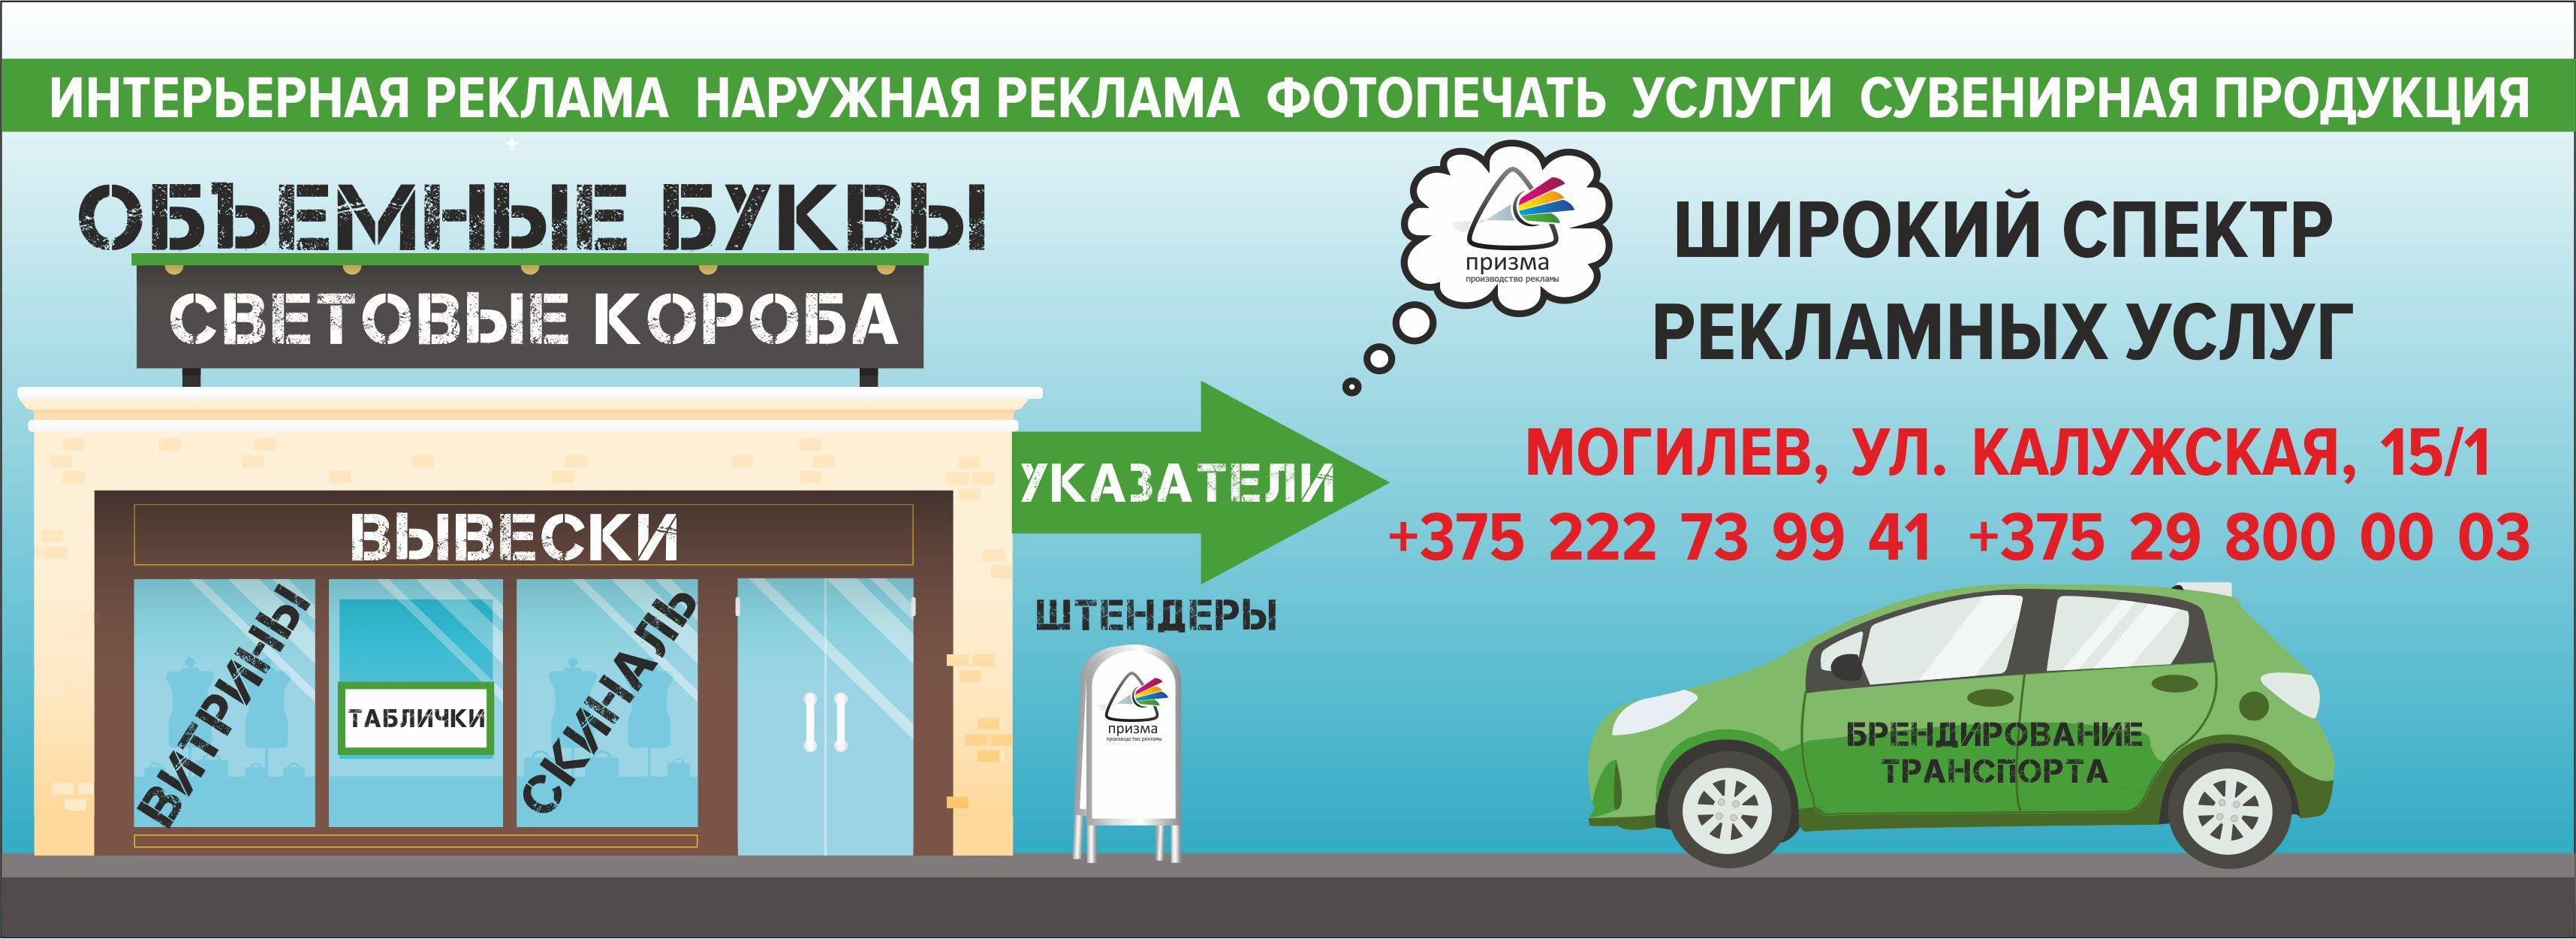 Наружная реклама в Могилёве изготовление и монтаж